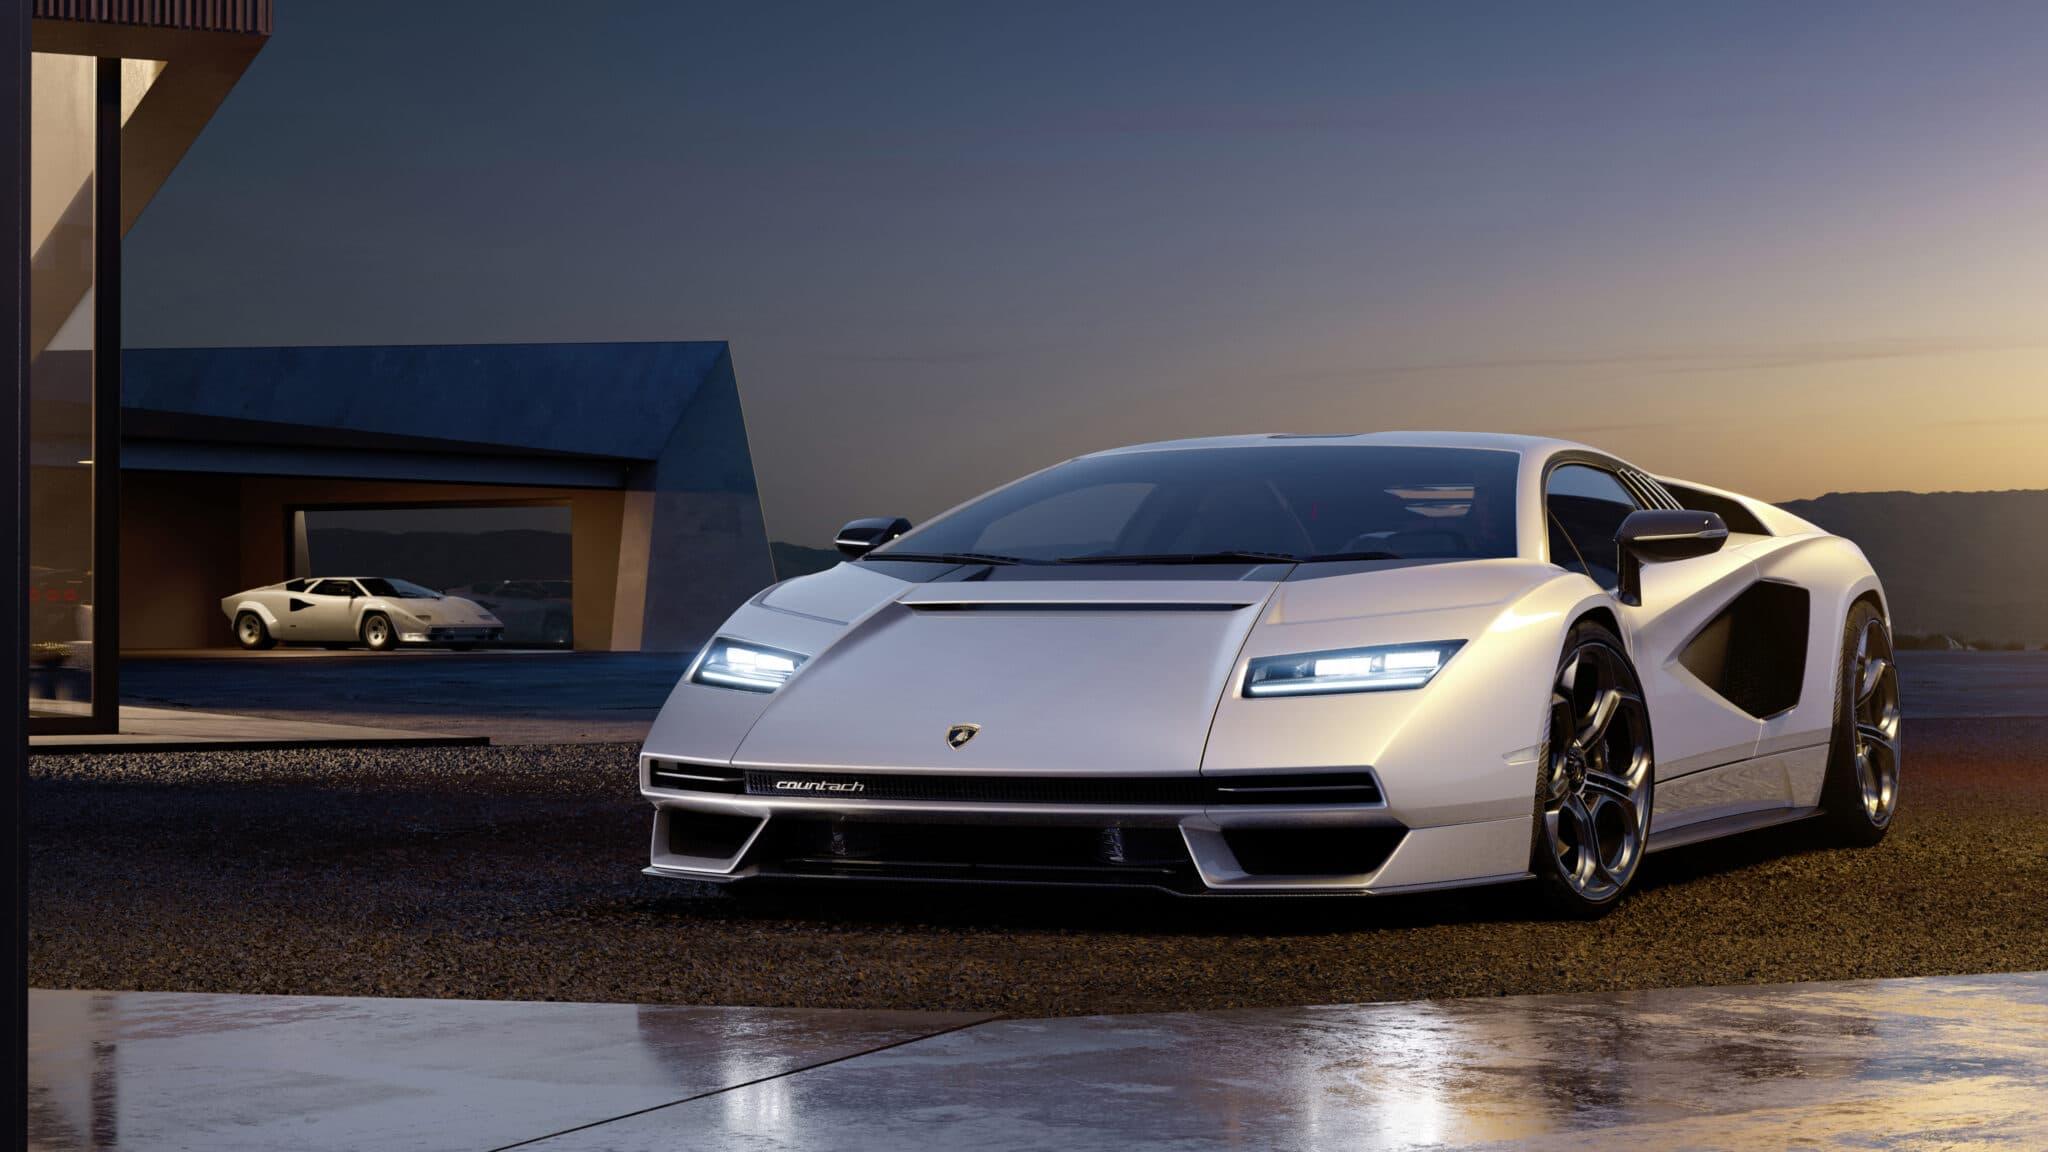 Nuova Lamborghini Countach: il ritorno del mito con il V12 (ibrido)